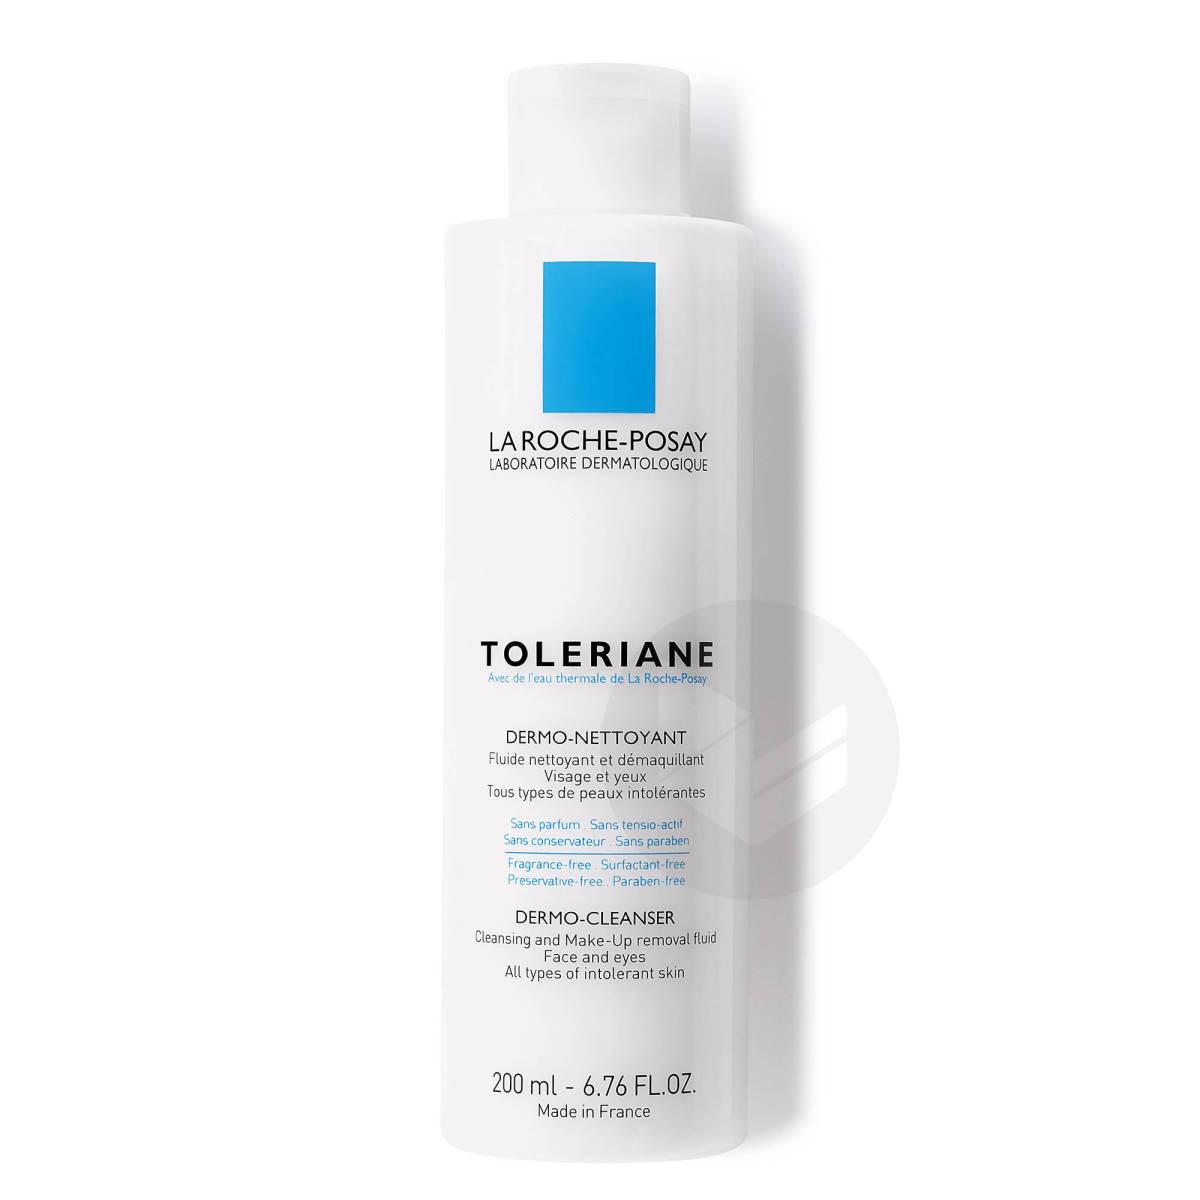 Toleriane Fluide nettoyant et démaquillant peaux sensibles à intolérantes 200ml